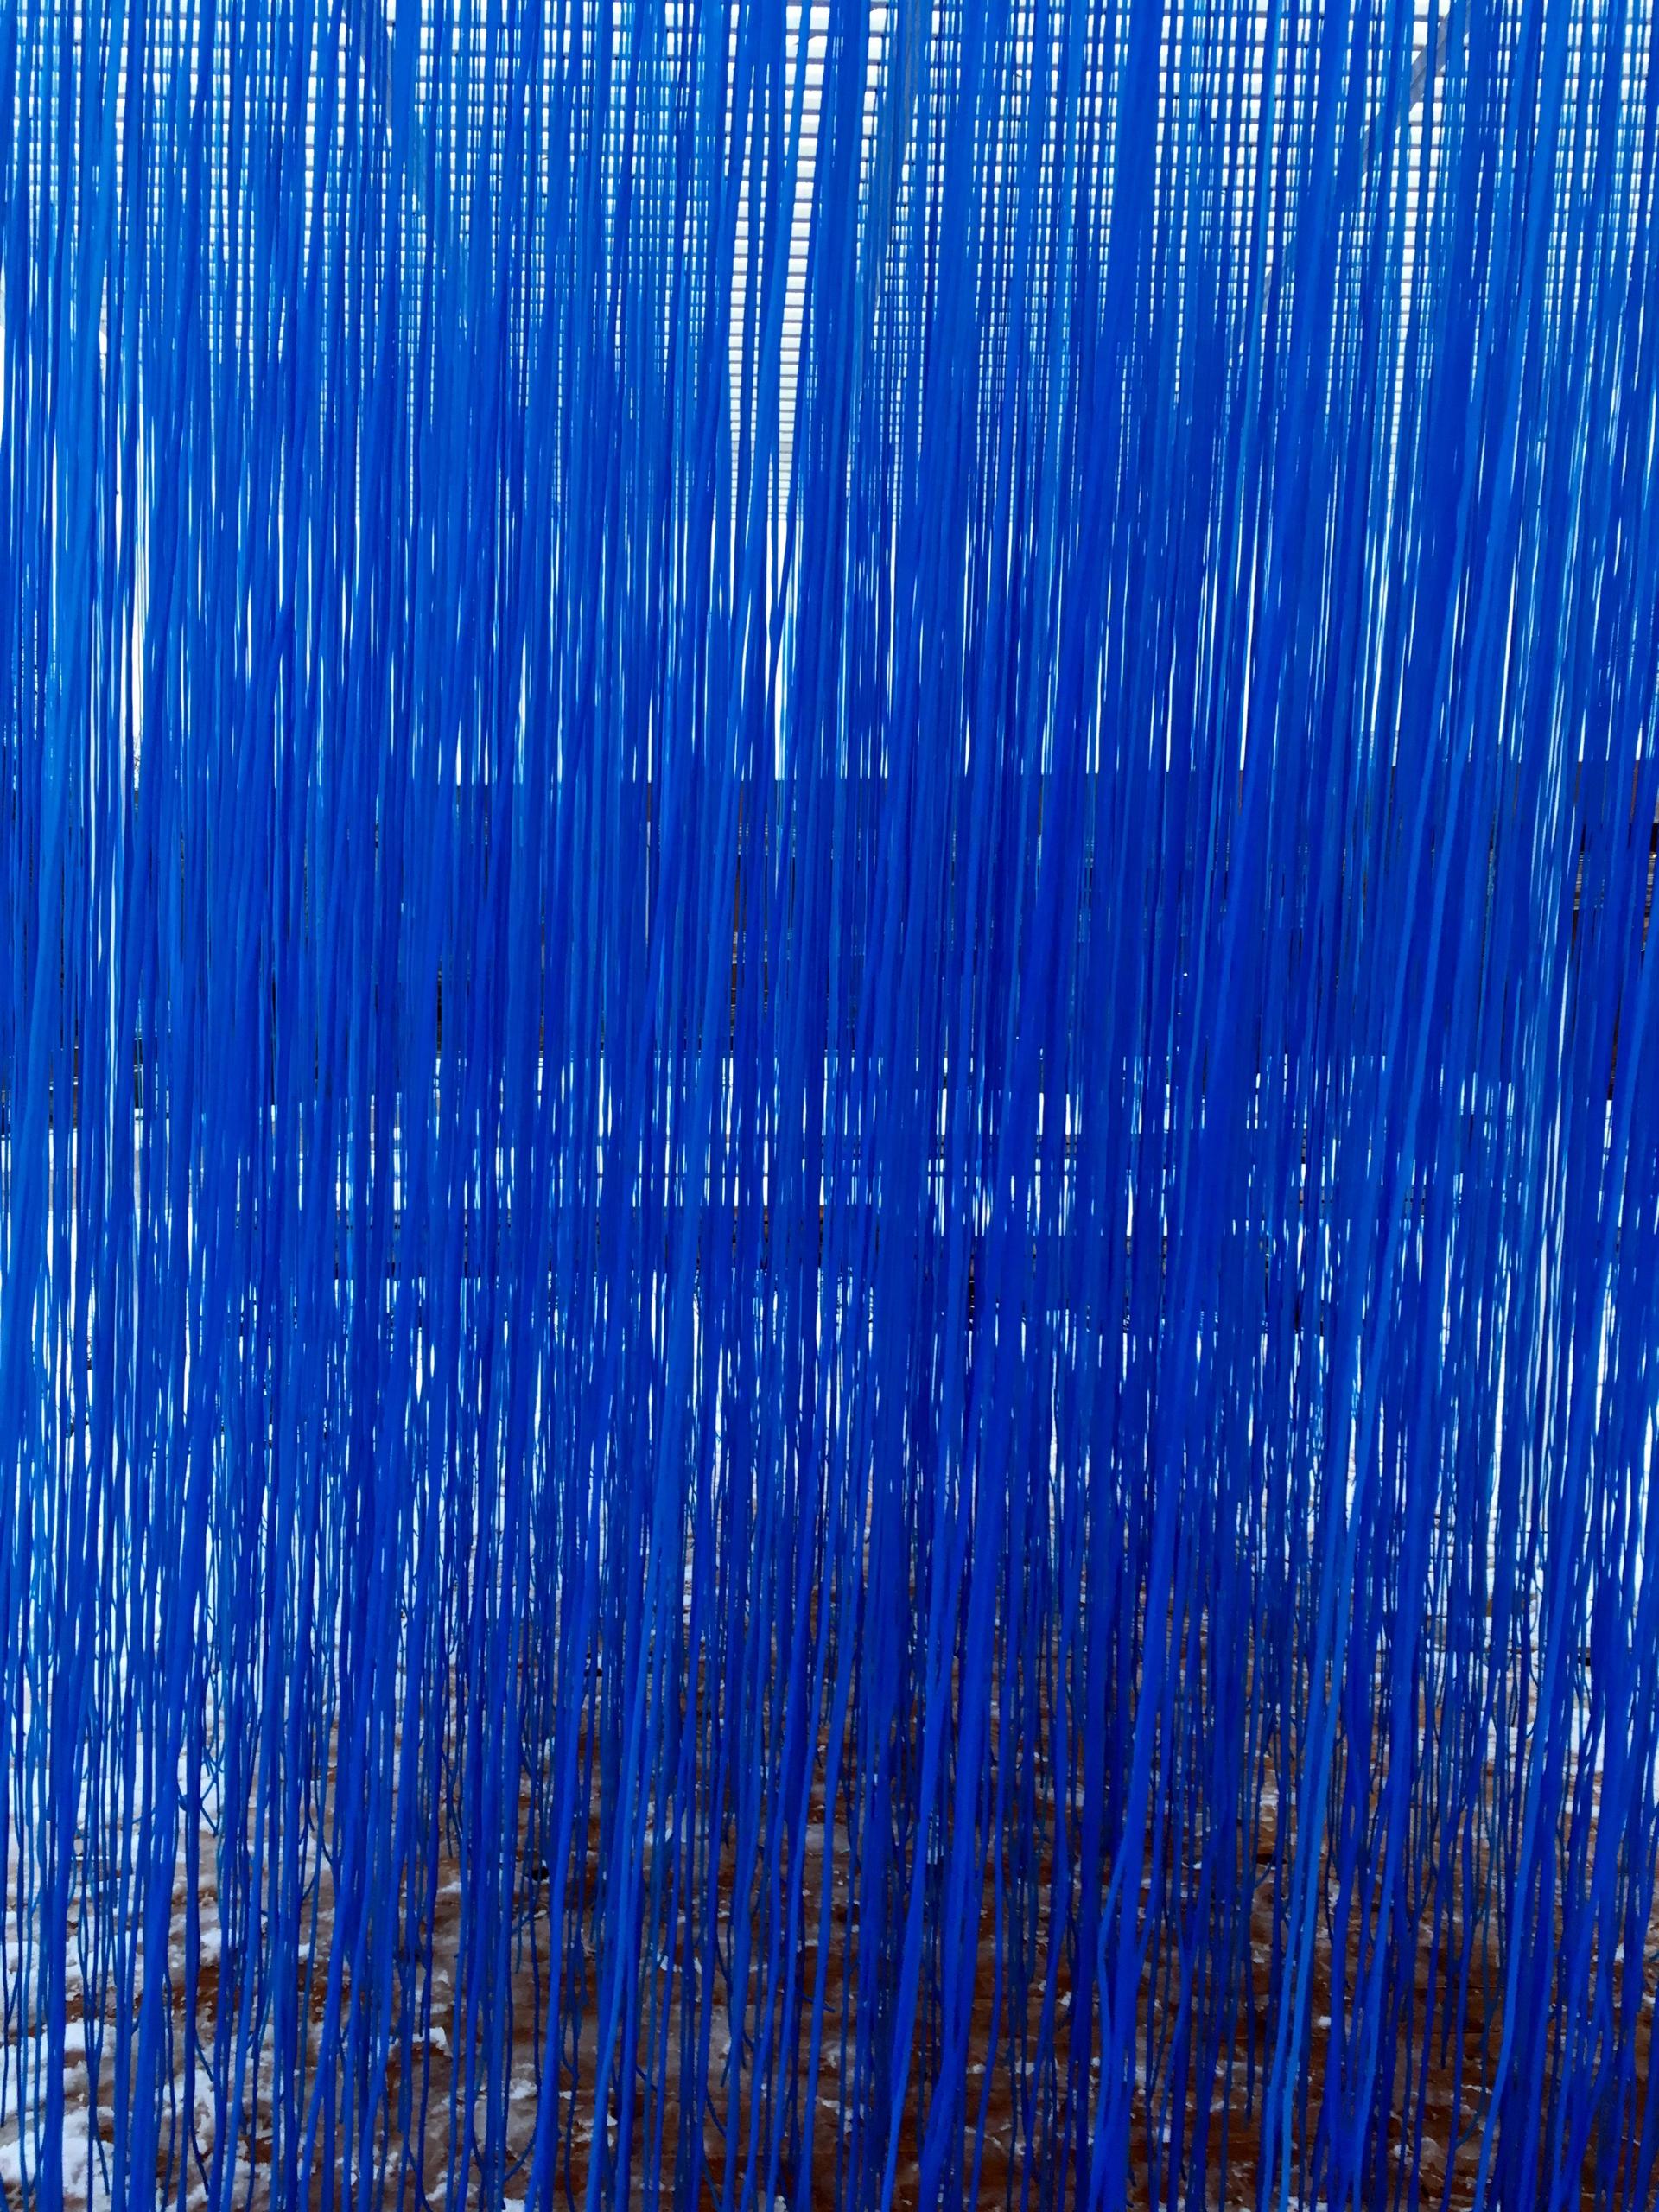 Zdjęcie przedstawia obraz widziany poprzez niebieskie pionowe linie.